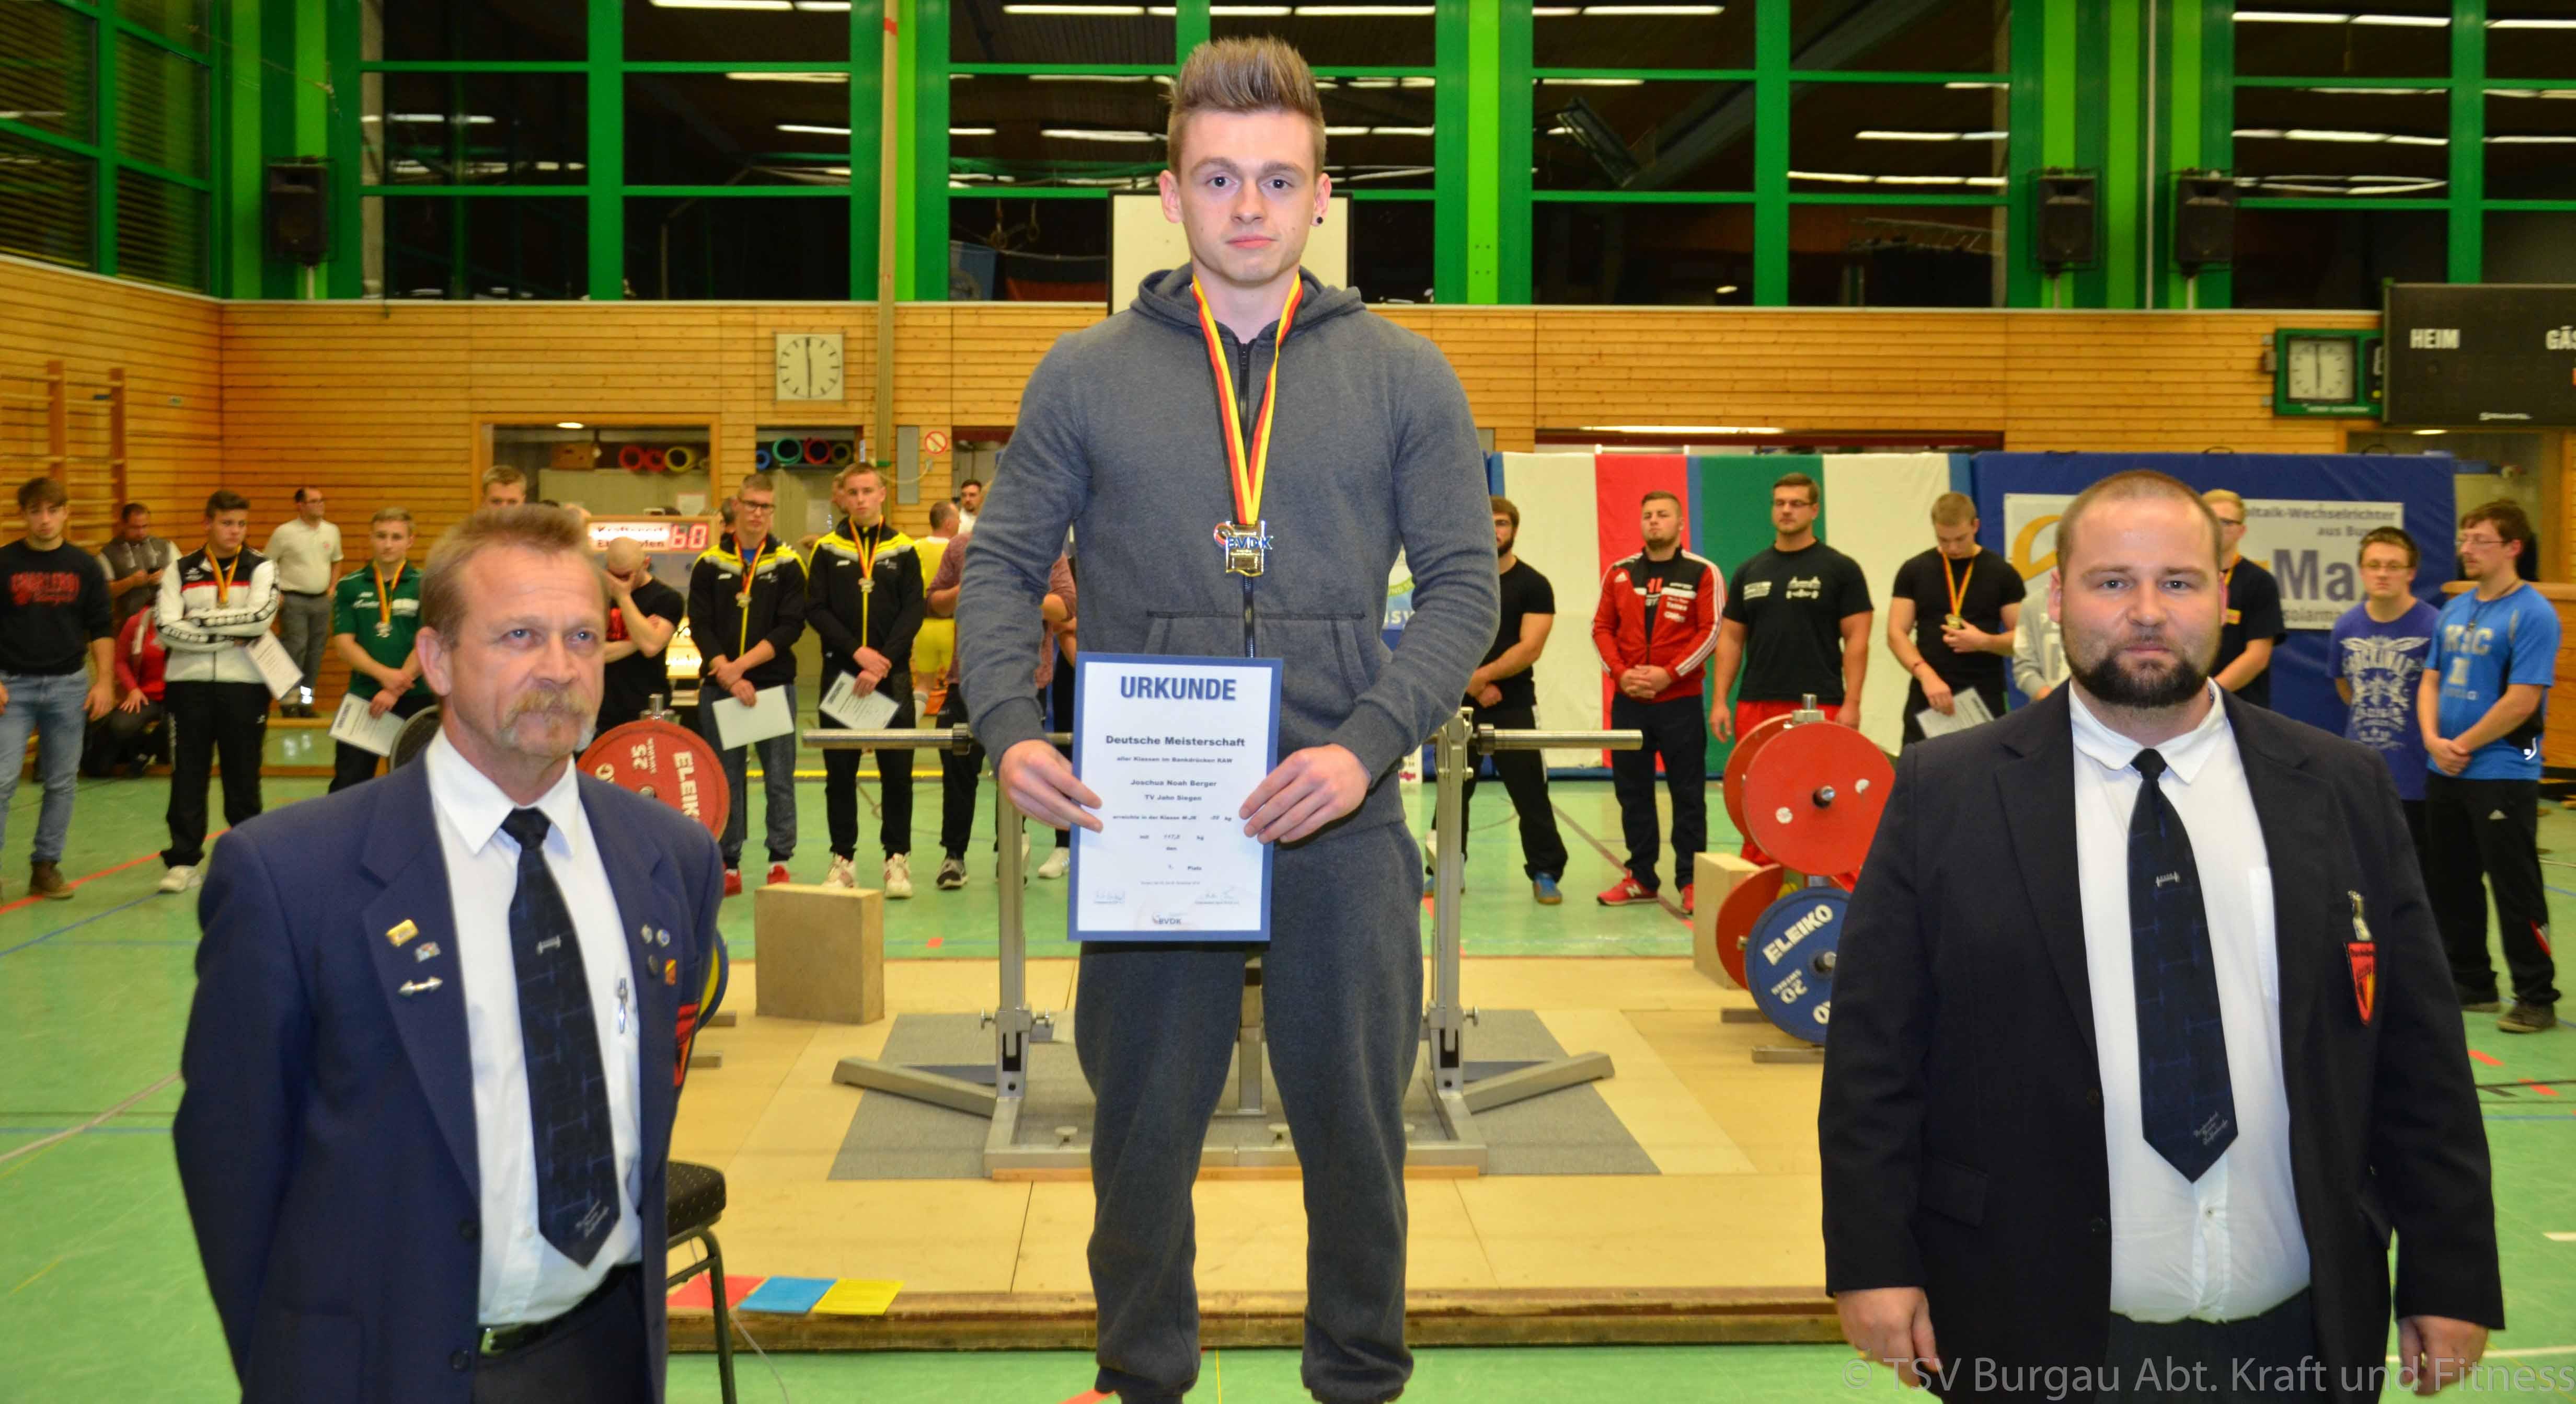 Deutsche Meisterschaft (61 von 187)